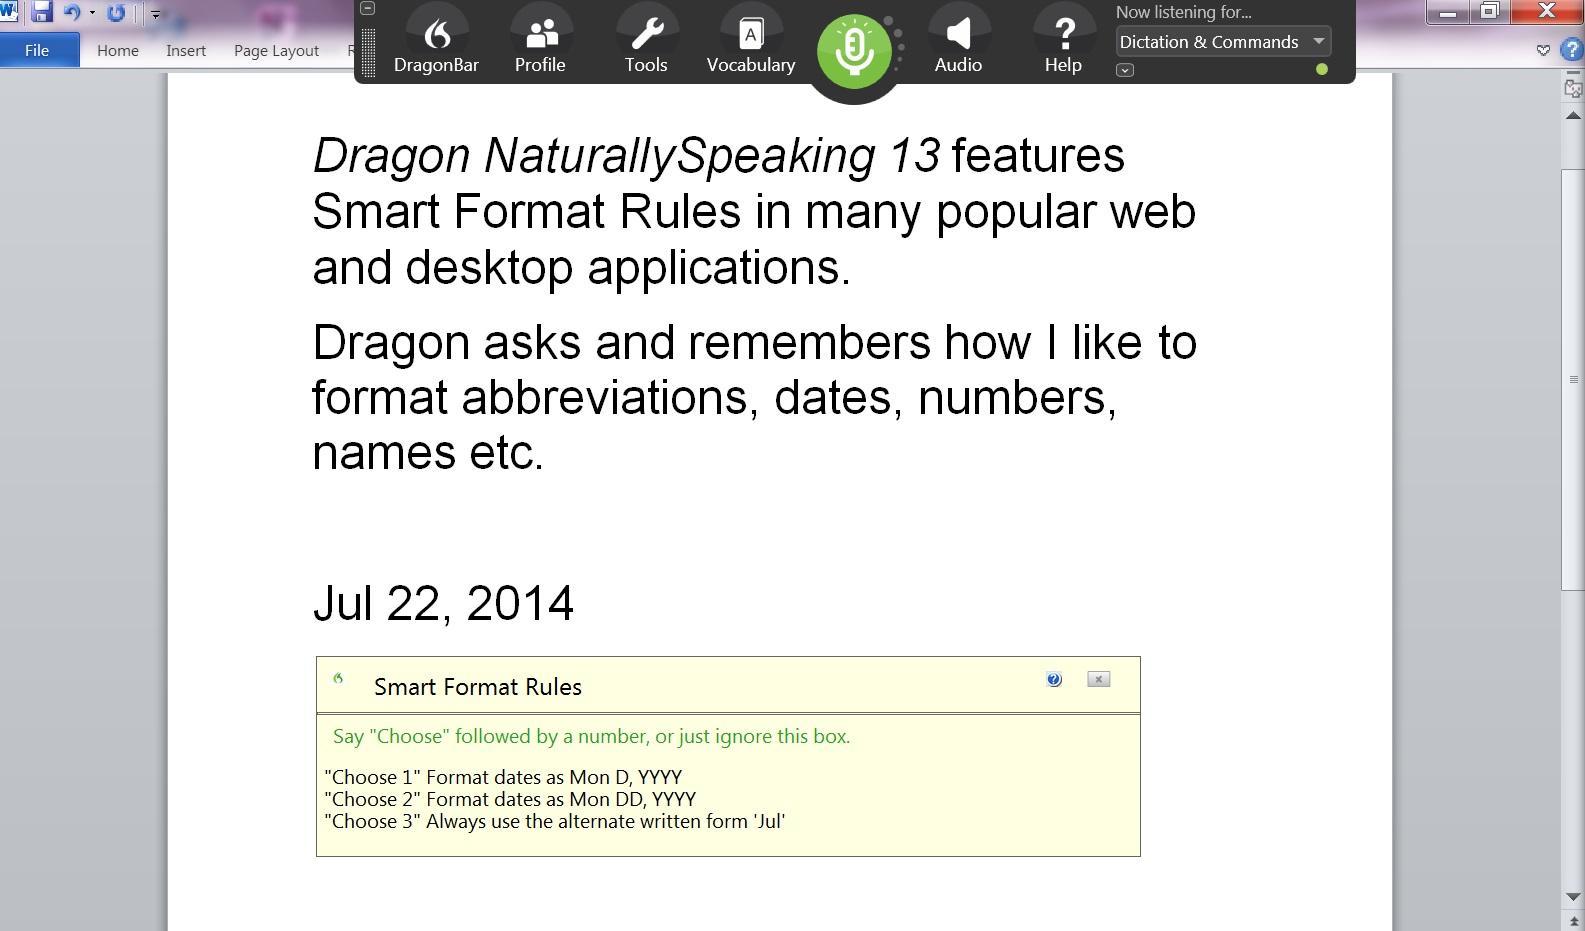 dragon naturallyspeaking 13 key